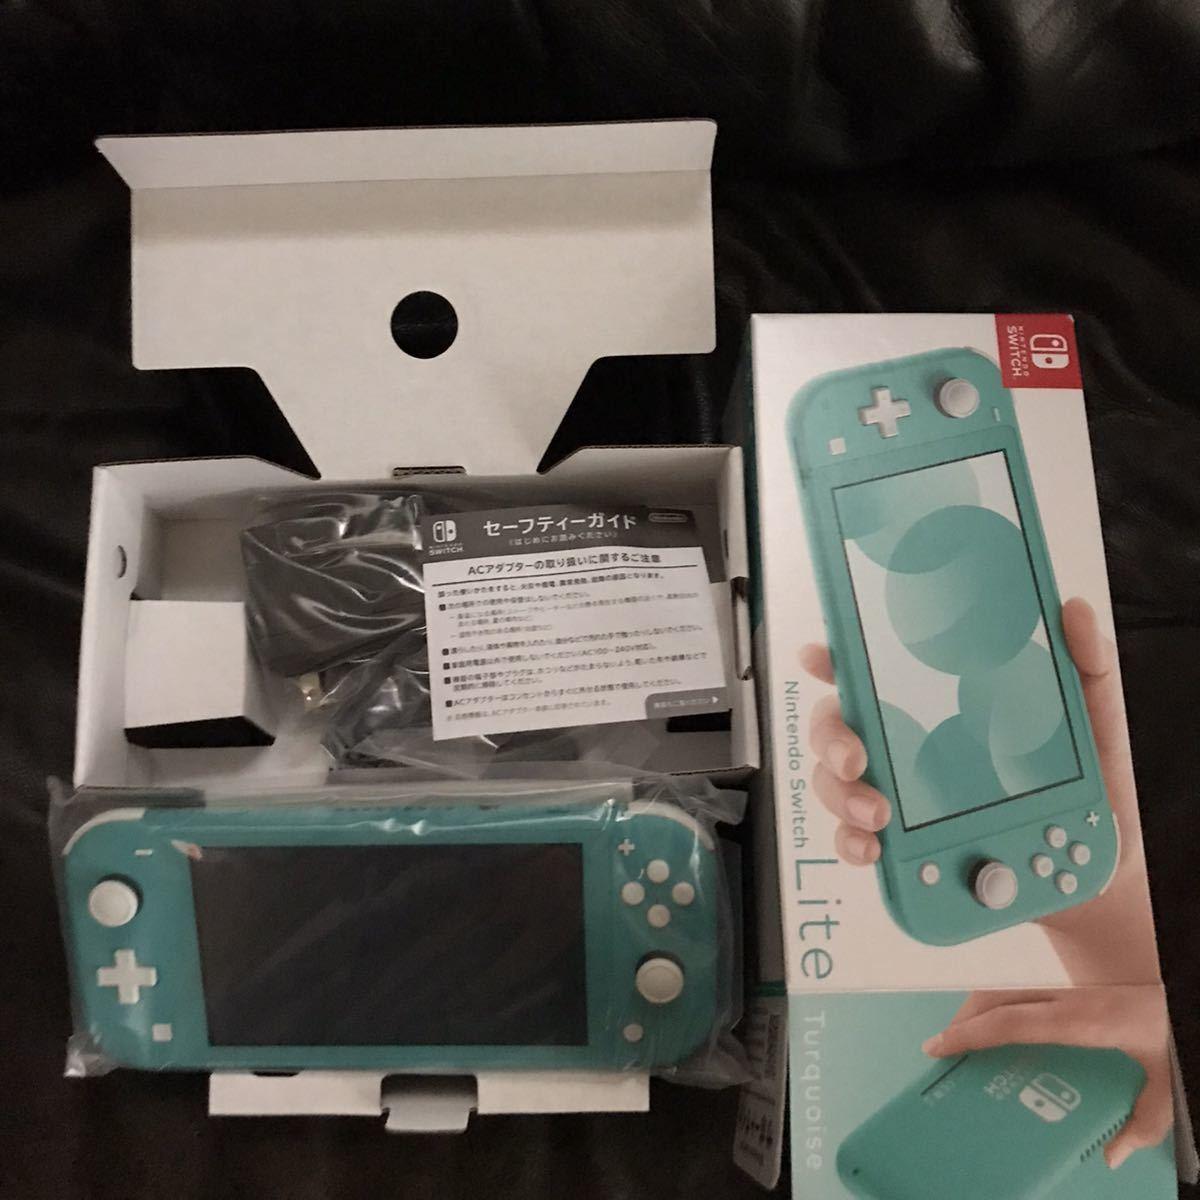 【1円スタート・ 新品未使用・返品可】Nintendo Switch Lite 本体 (ニンテンドースイッチライト)+ソフト2本+液晶保護フィルム_画像5